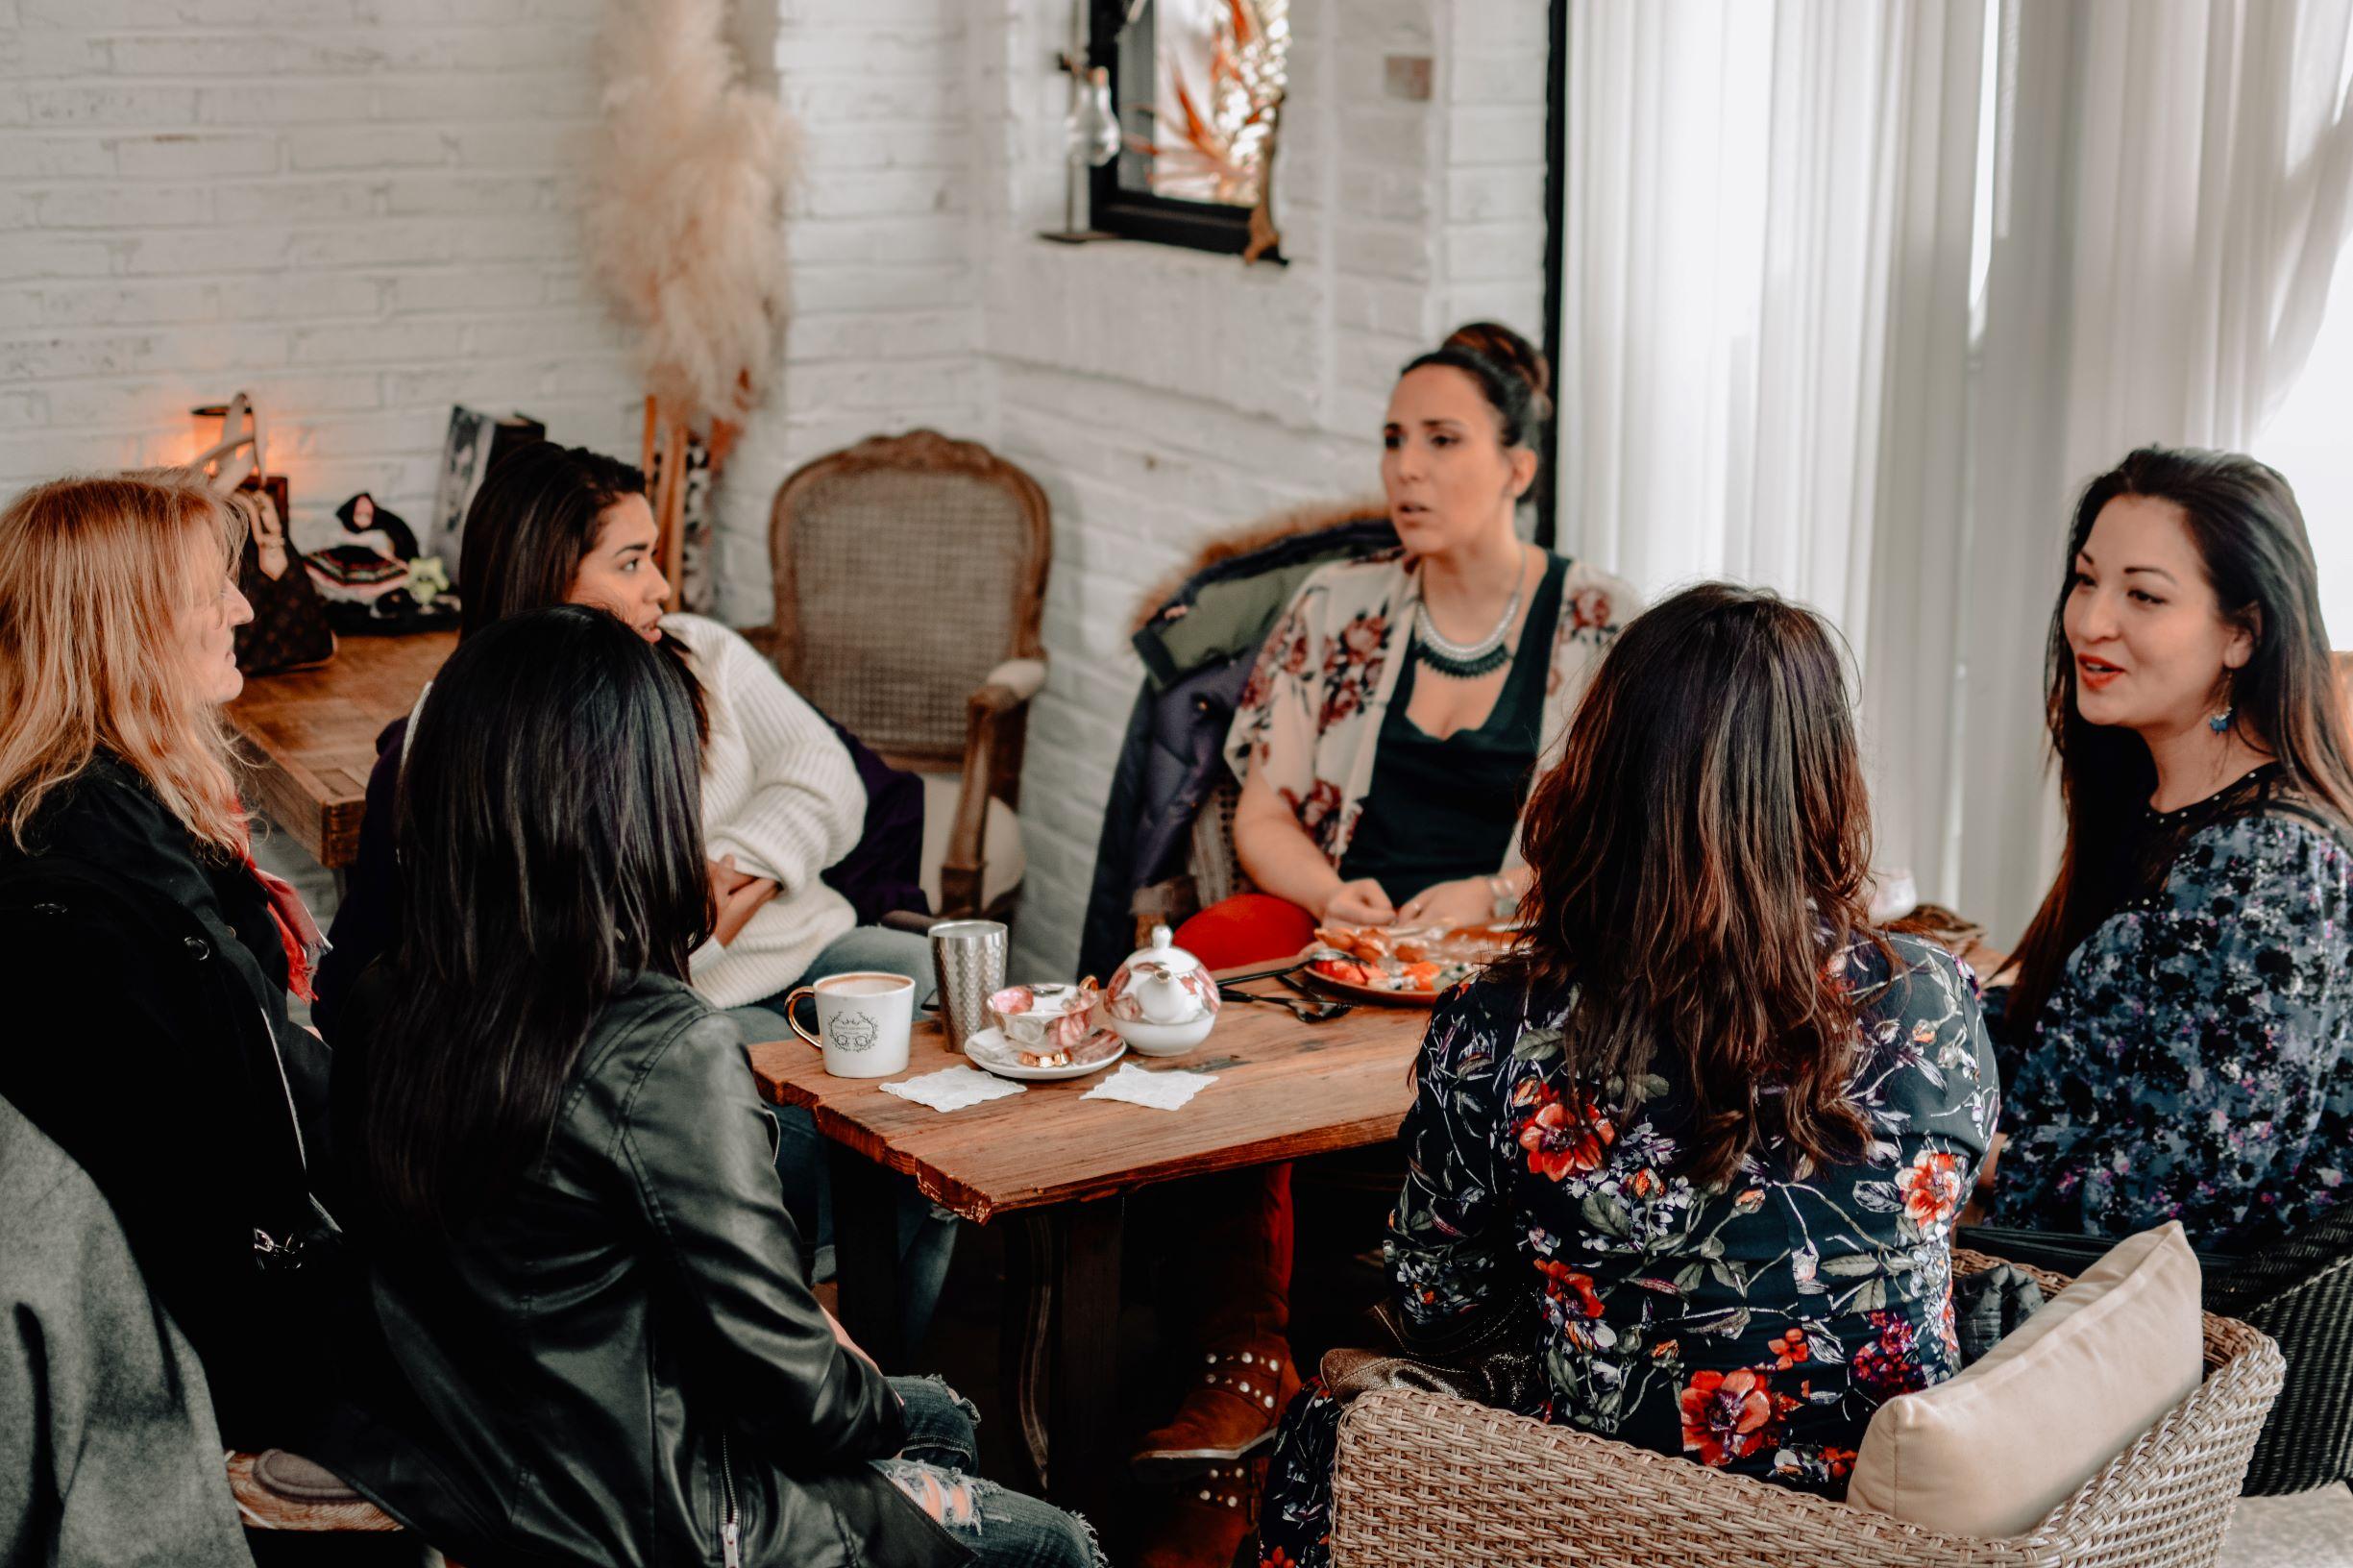 Gathering women